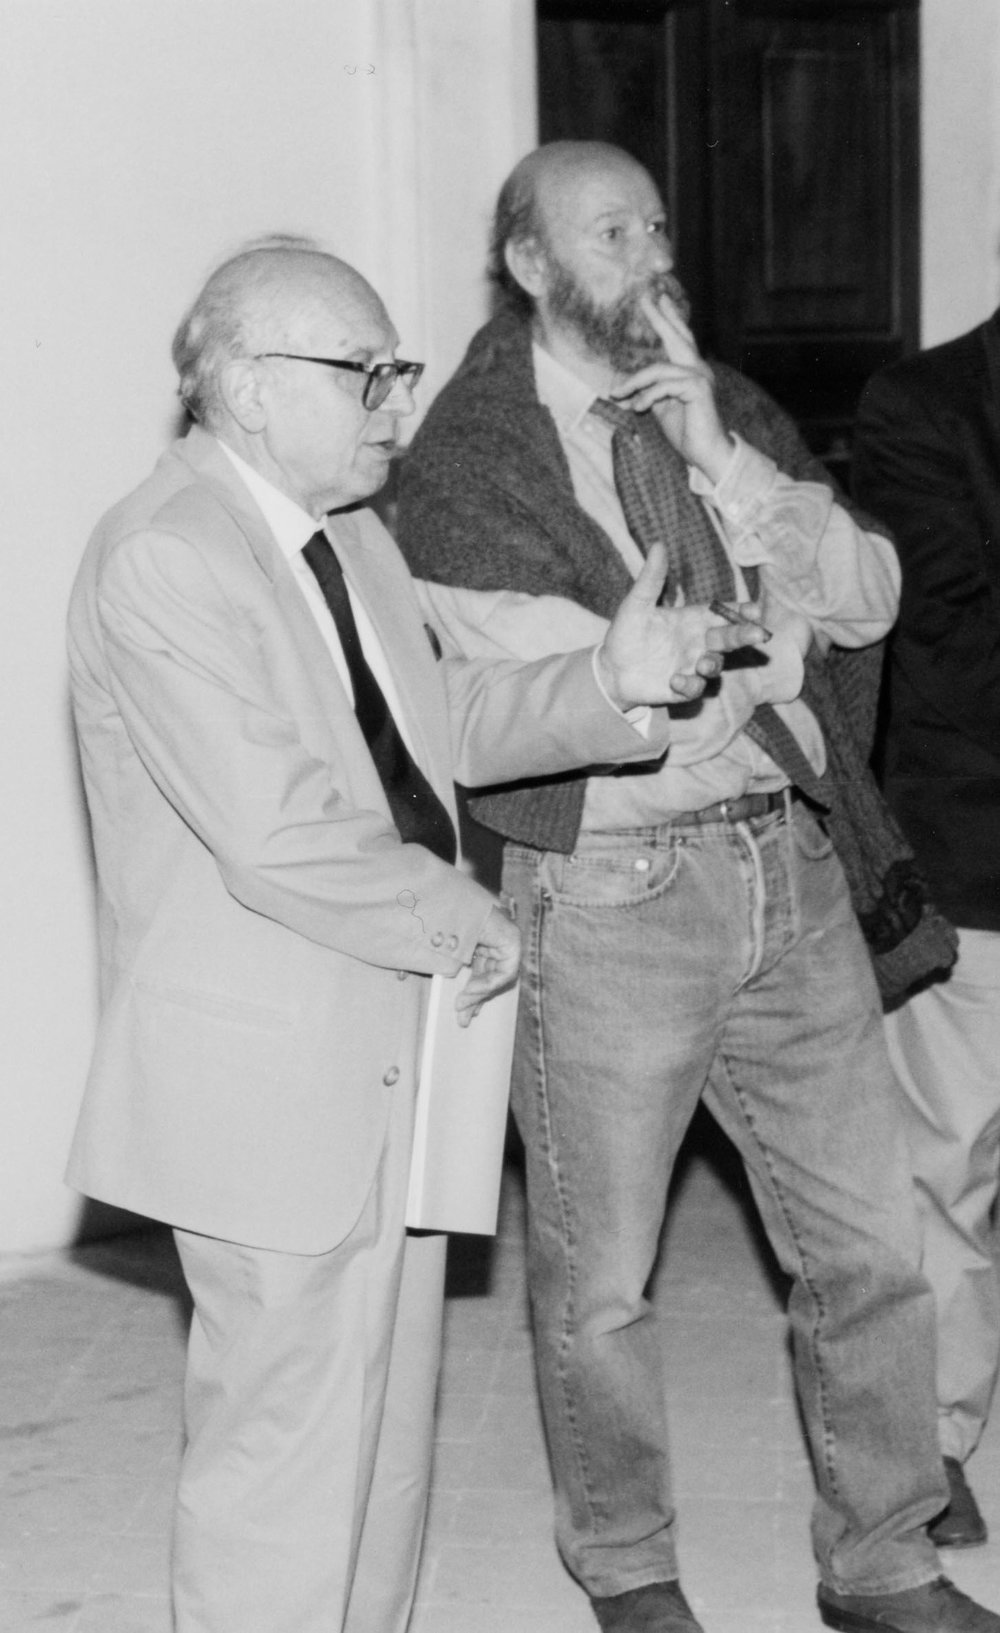 con Vito Apuleo, 1997